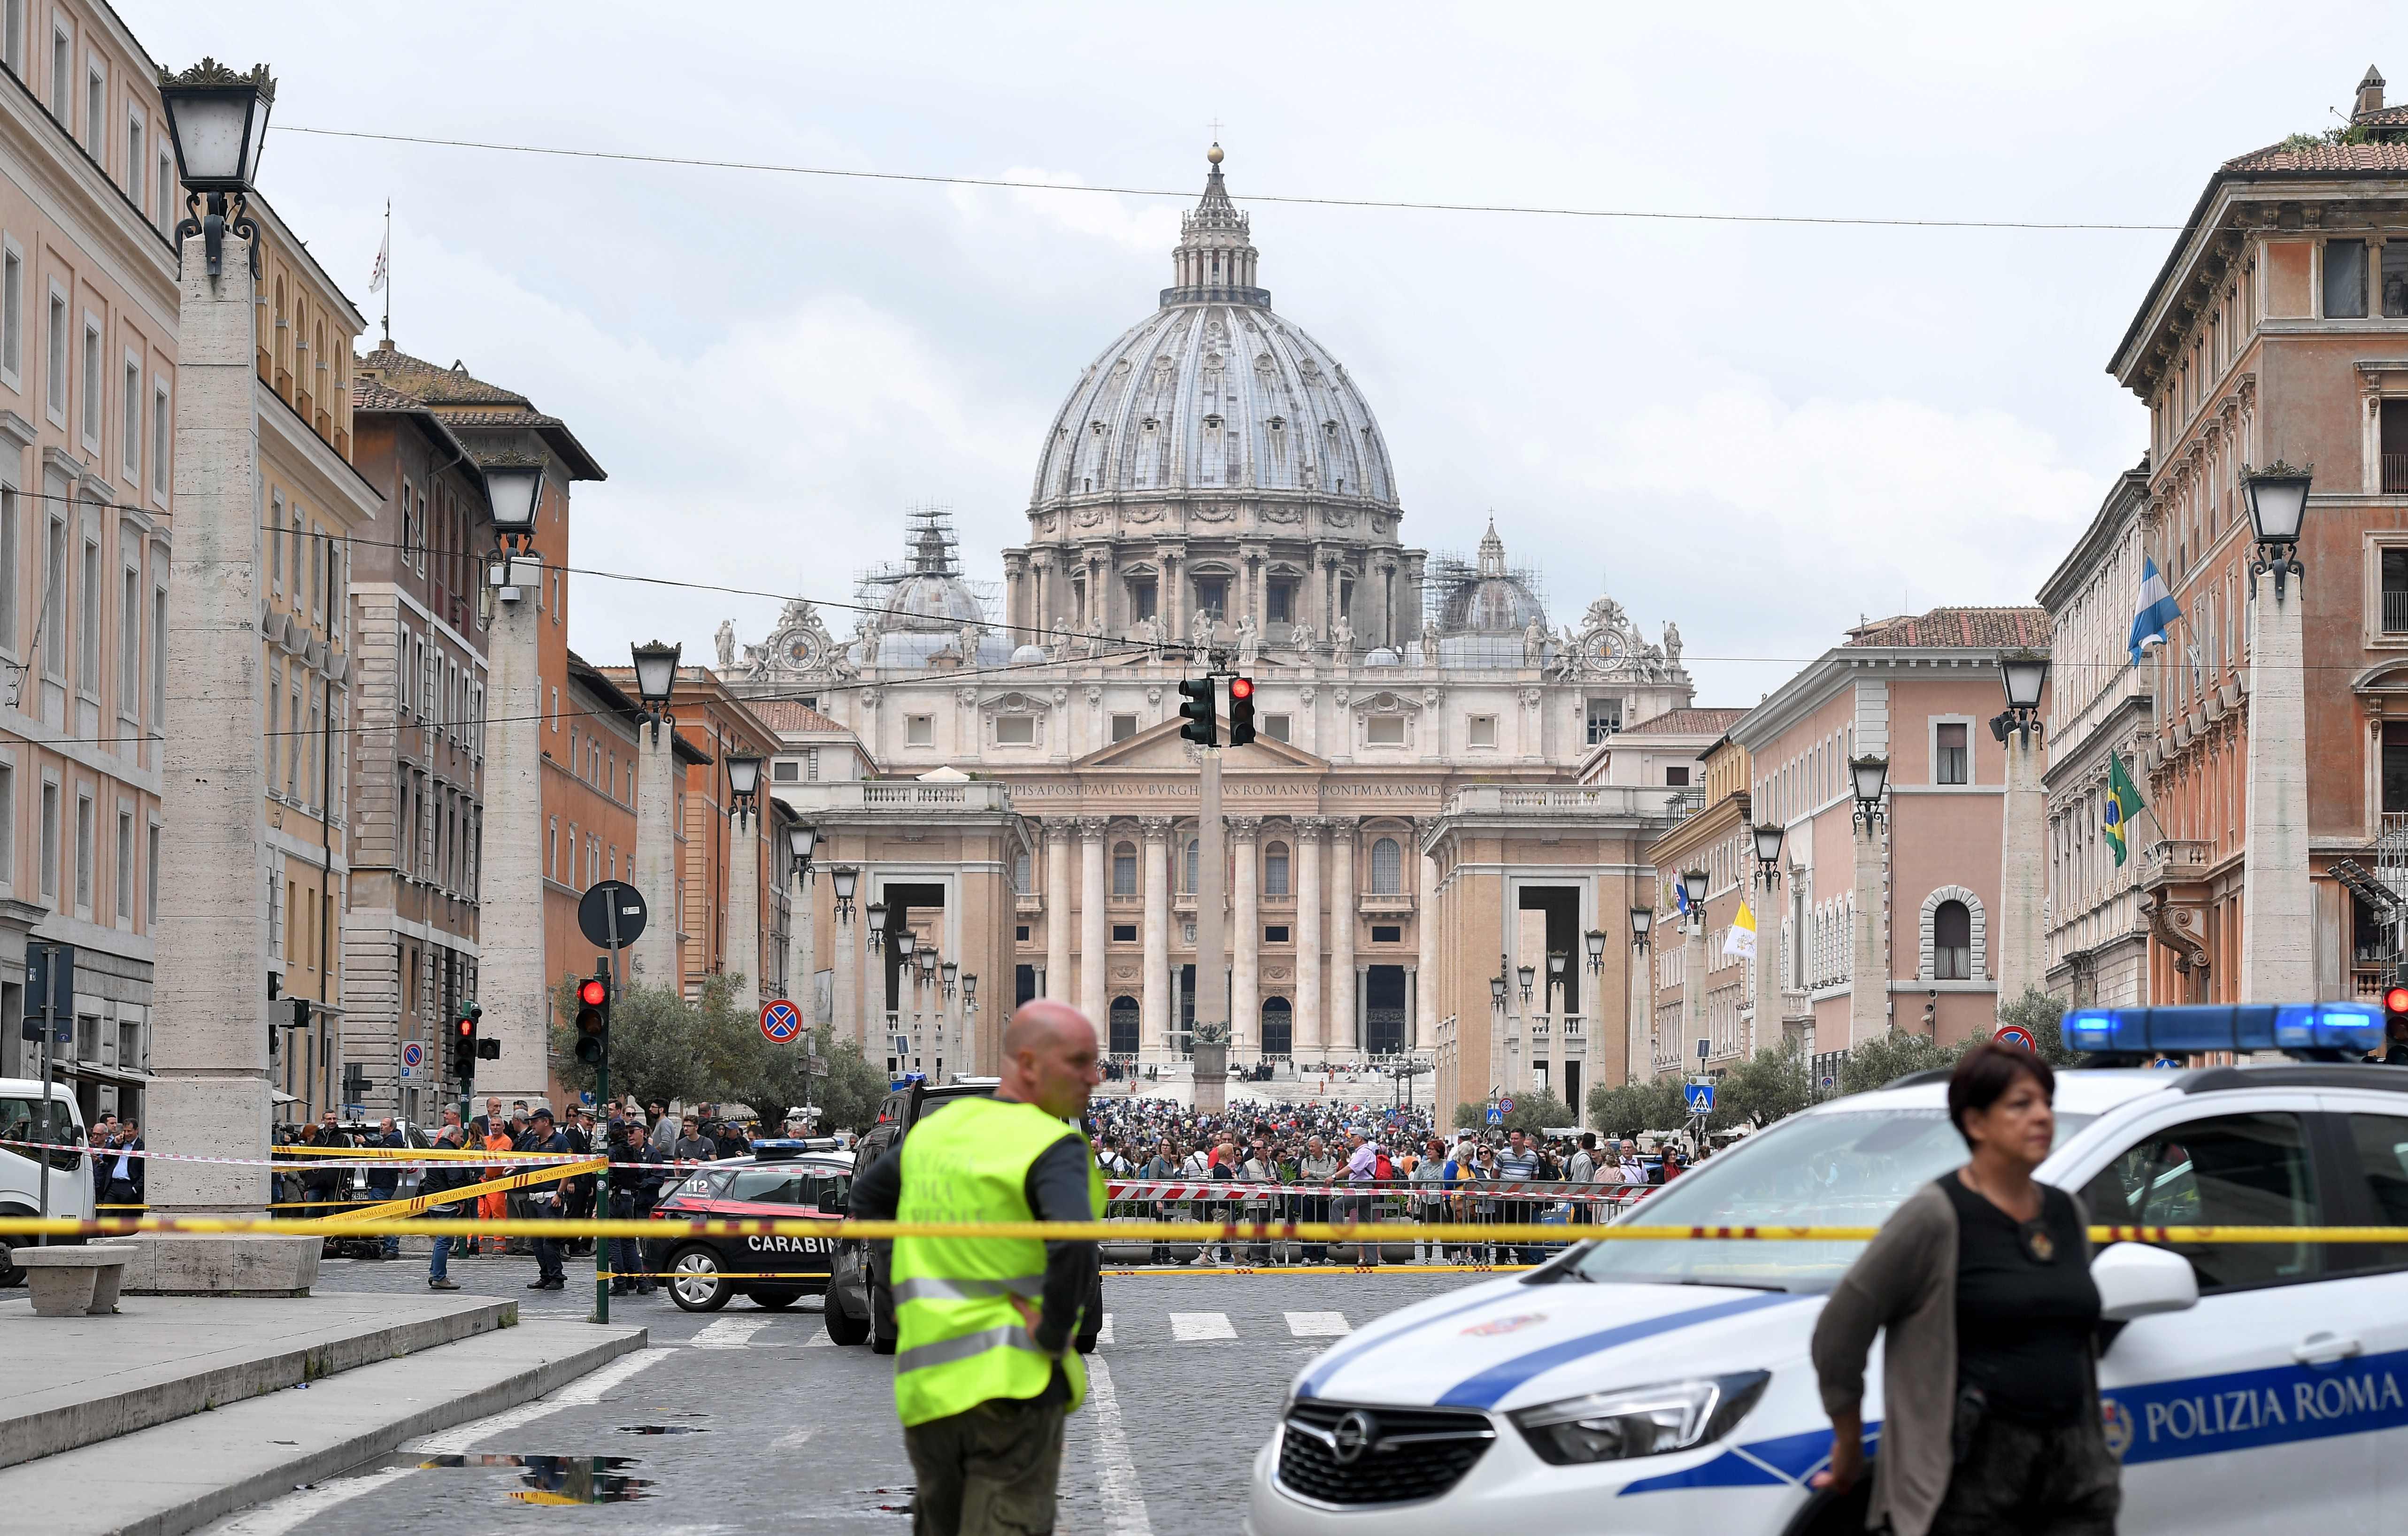 1323653-صور-انذار-قرب-الفاتيكان-بسبب-العثور-على-قنبلة-(13)